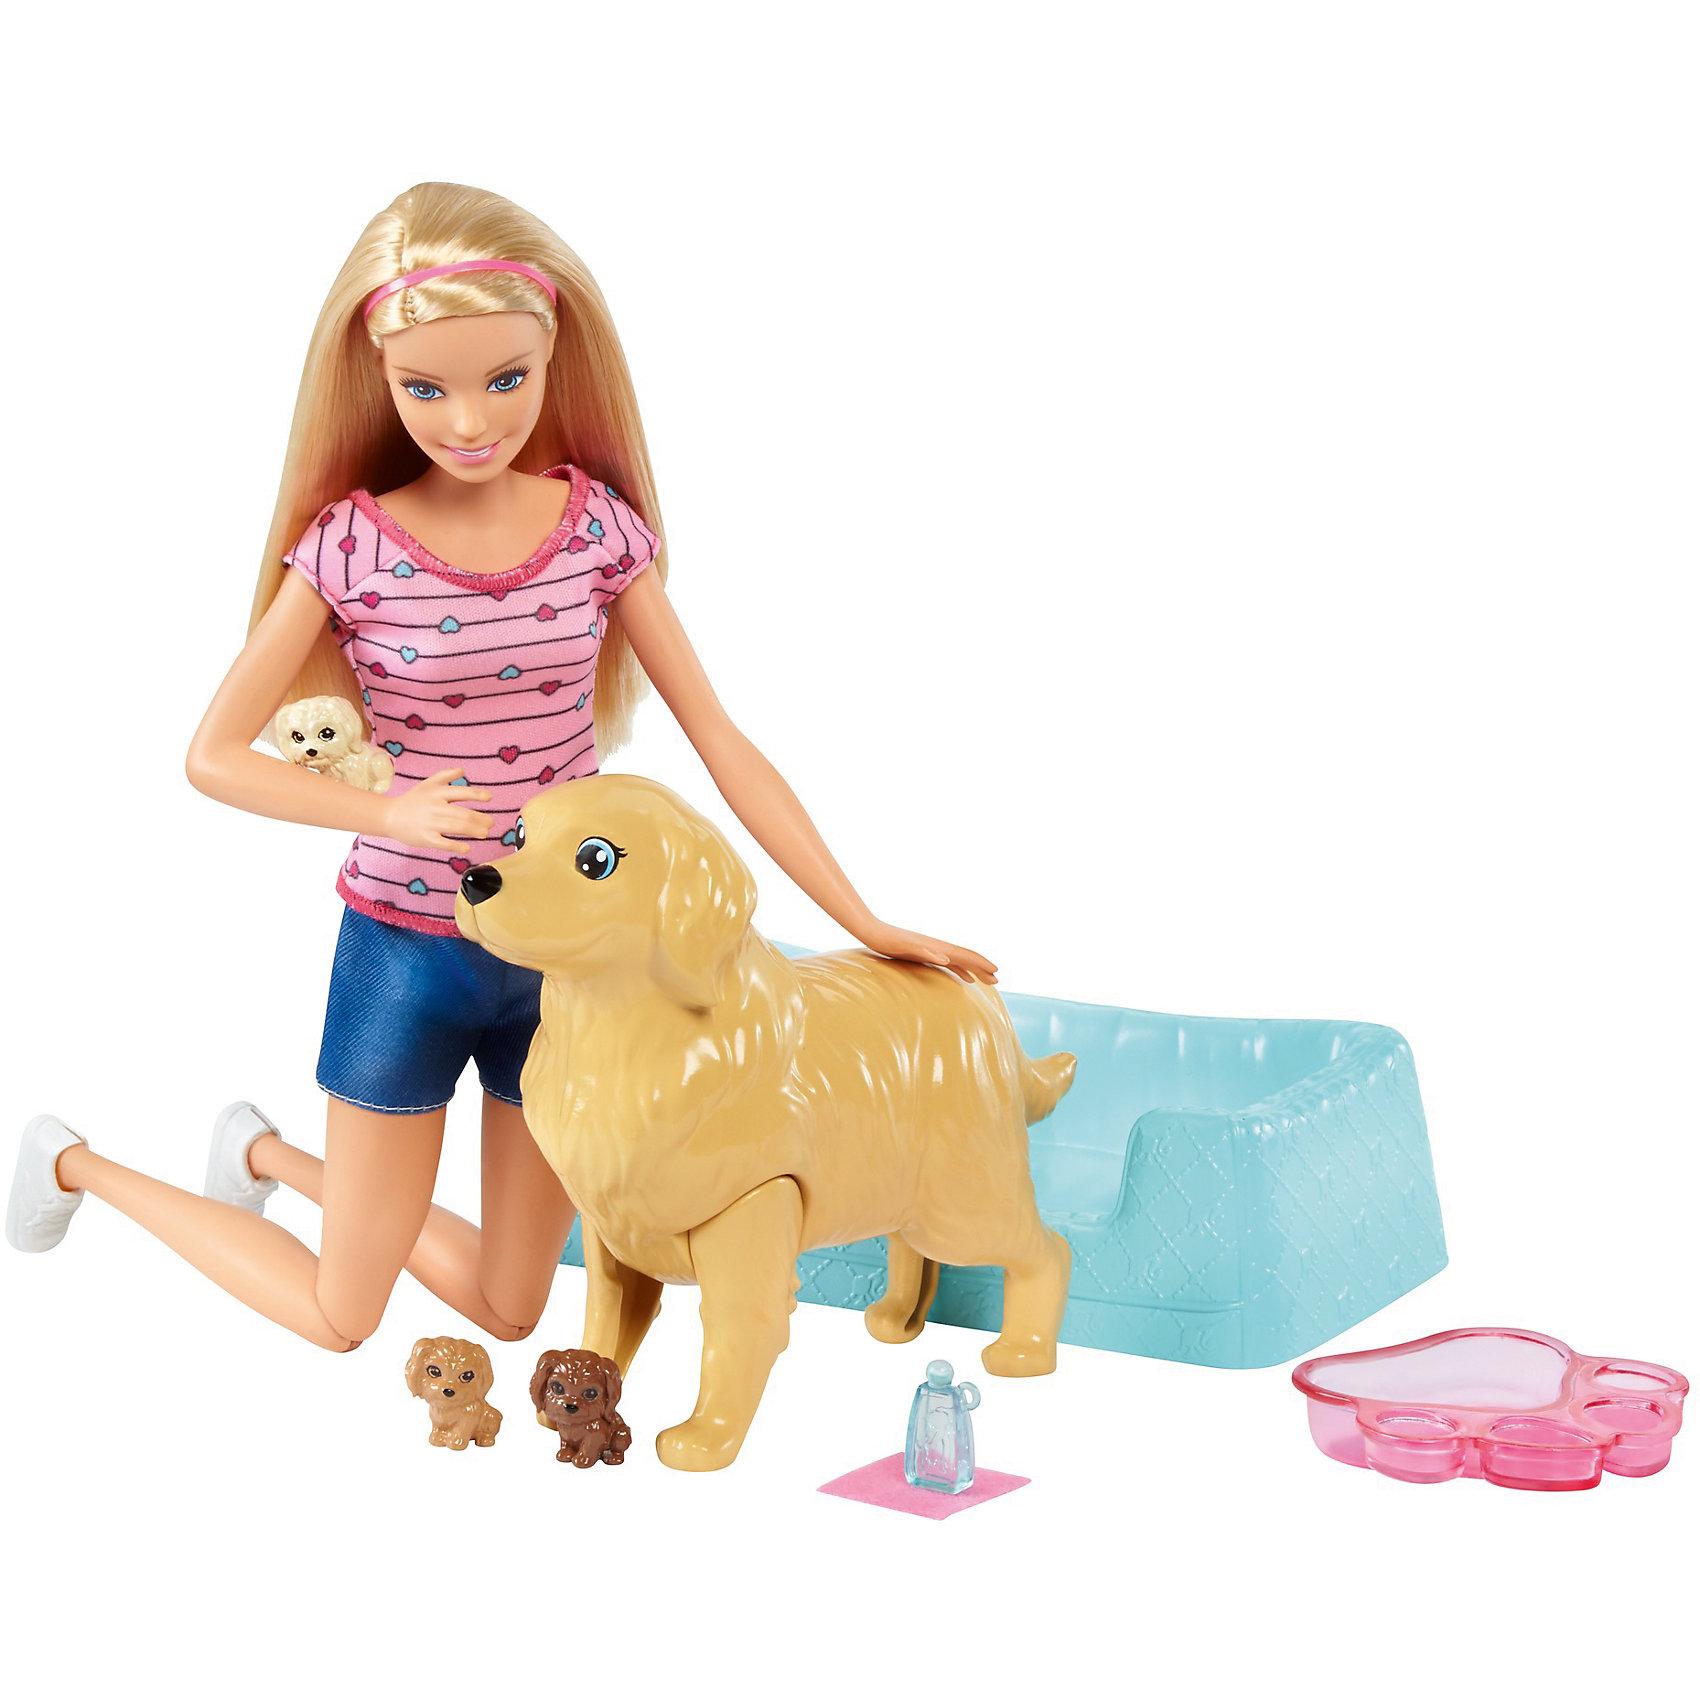 Игровой набор Barbie Кукла и собака с новорожденными щенкамиИгрушки по суперценам!<br>Характеристики товара:<br><br>• возраст: от 3 лет<br>• материал: пластик;<br>• высота куклы: 28-30 см<br>• аксессуары в комплекте<br>• размер упаковки: 32,5X23X6 см<br>• страна бренда: США<br><br>Barbie® любит животных, и сейчас она может помочь щенятам появиться на свет.  У ее очаровательной собачки скоро будут щенята! <br><br>Чтобы они появились на свет, нужно надавить на голову маме-собаке. У каждого из трех щенков шерсть меняет цвет: просто нанеси на их шерсть немного холодной воды. После этого они откроют глаза, и ты увидишь разноцветные сердечки. <br><br>Ванночка для родов мамы-собаки превращается в лежанку, ванночка в форме следа лапки идеальна для купания, а бутылочка с водой поможет помыть щенят и приготовить их к дальнейшему воспитанию.<br><br>Игровой набор Barbie Кукла и собака с новорожденными щенками можно купить в нашем интернет-магазине.<br><br>Ширина мм: 327<br>Глубина мм: 228<br>Высота мм: 63<br>Вес г: 387<br>Возраст от месяцев: 36<br>Возраст до месяцев: 72<br>Пол: Женский<br>Возраст: Детский<br>SKU: 6739666